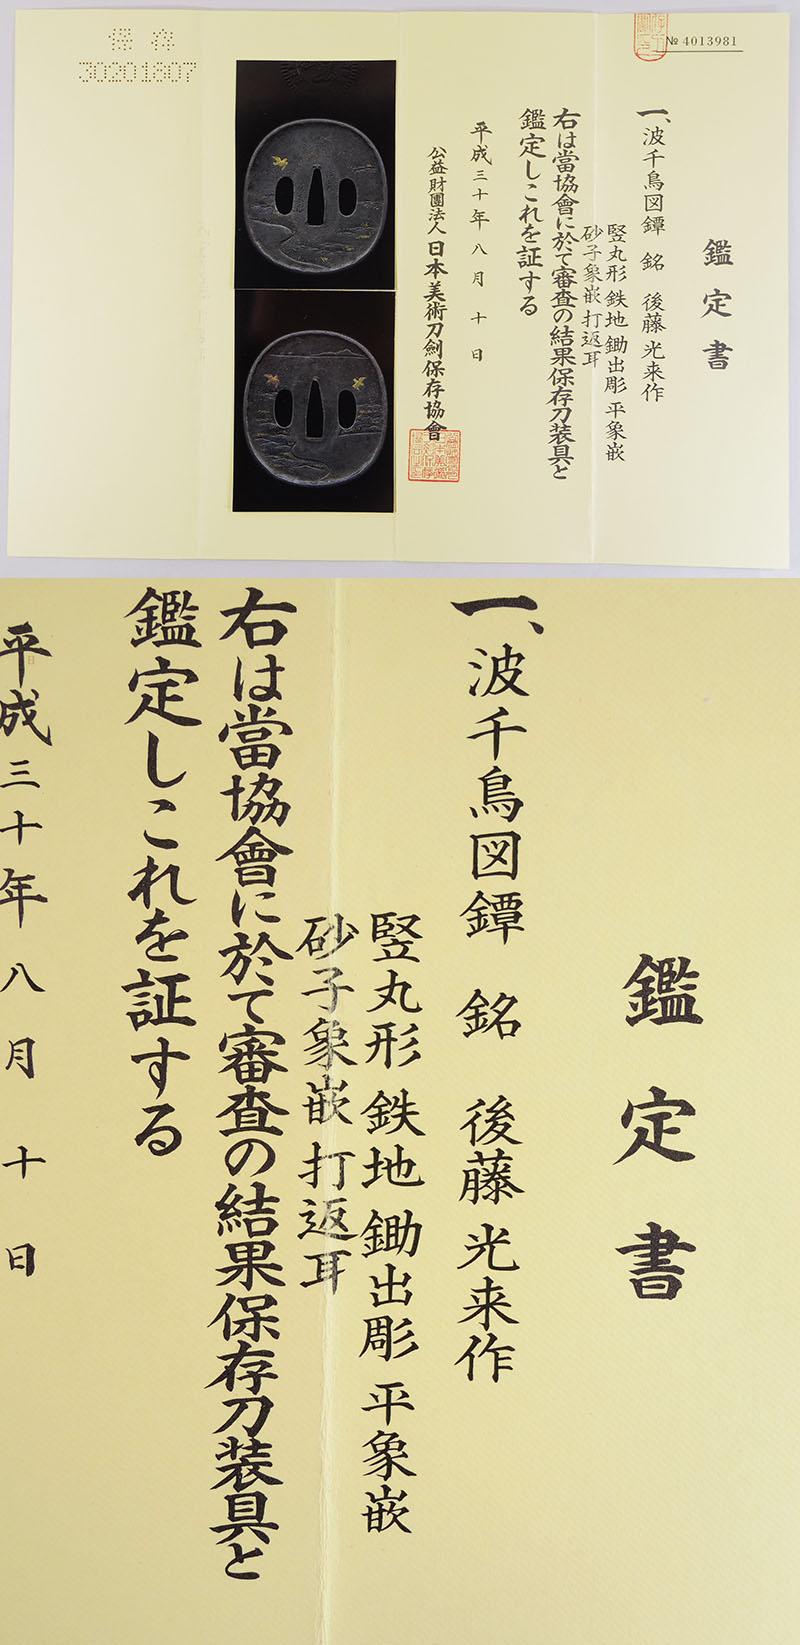 波千鳥図鍔 後藤光来作 (後藤一乗の次男) Picture of Certificate